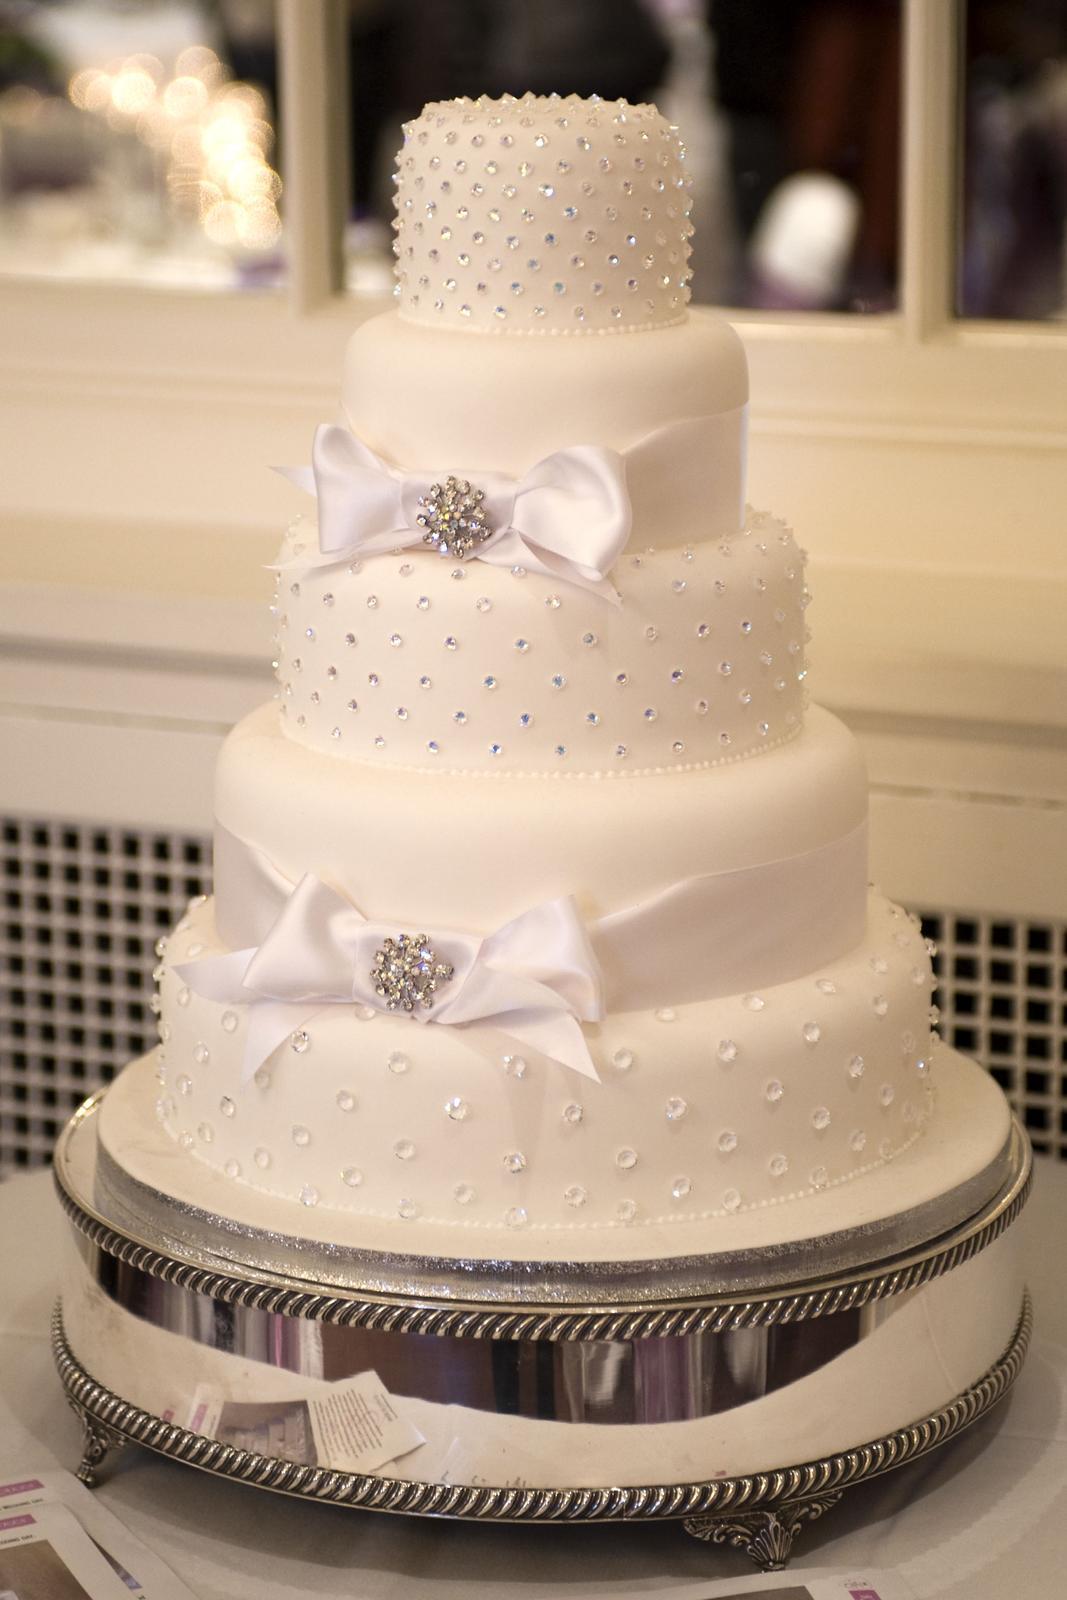 Wedding planning :-) - nieco na tento styl...len ci aj s tymi maslami, neviem..